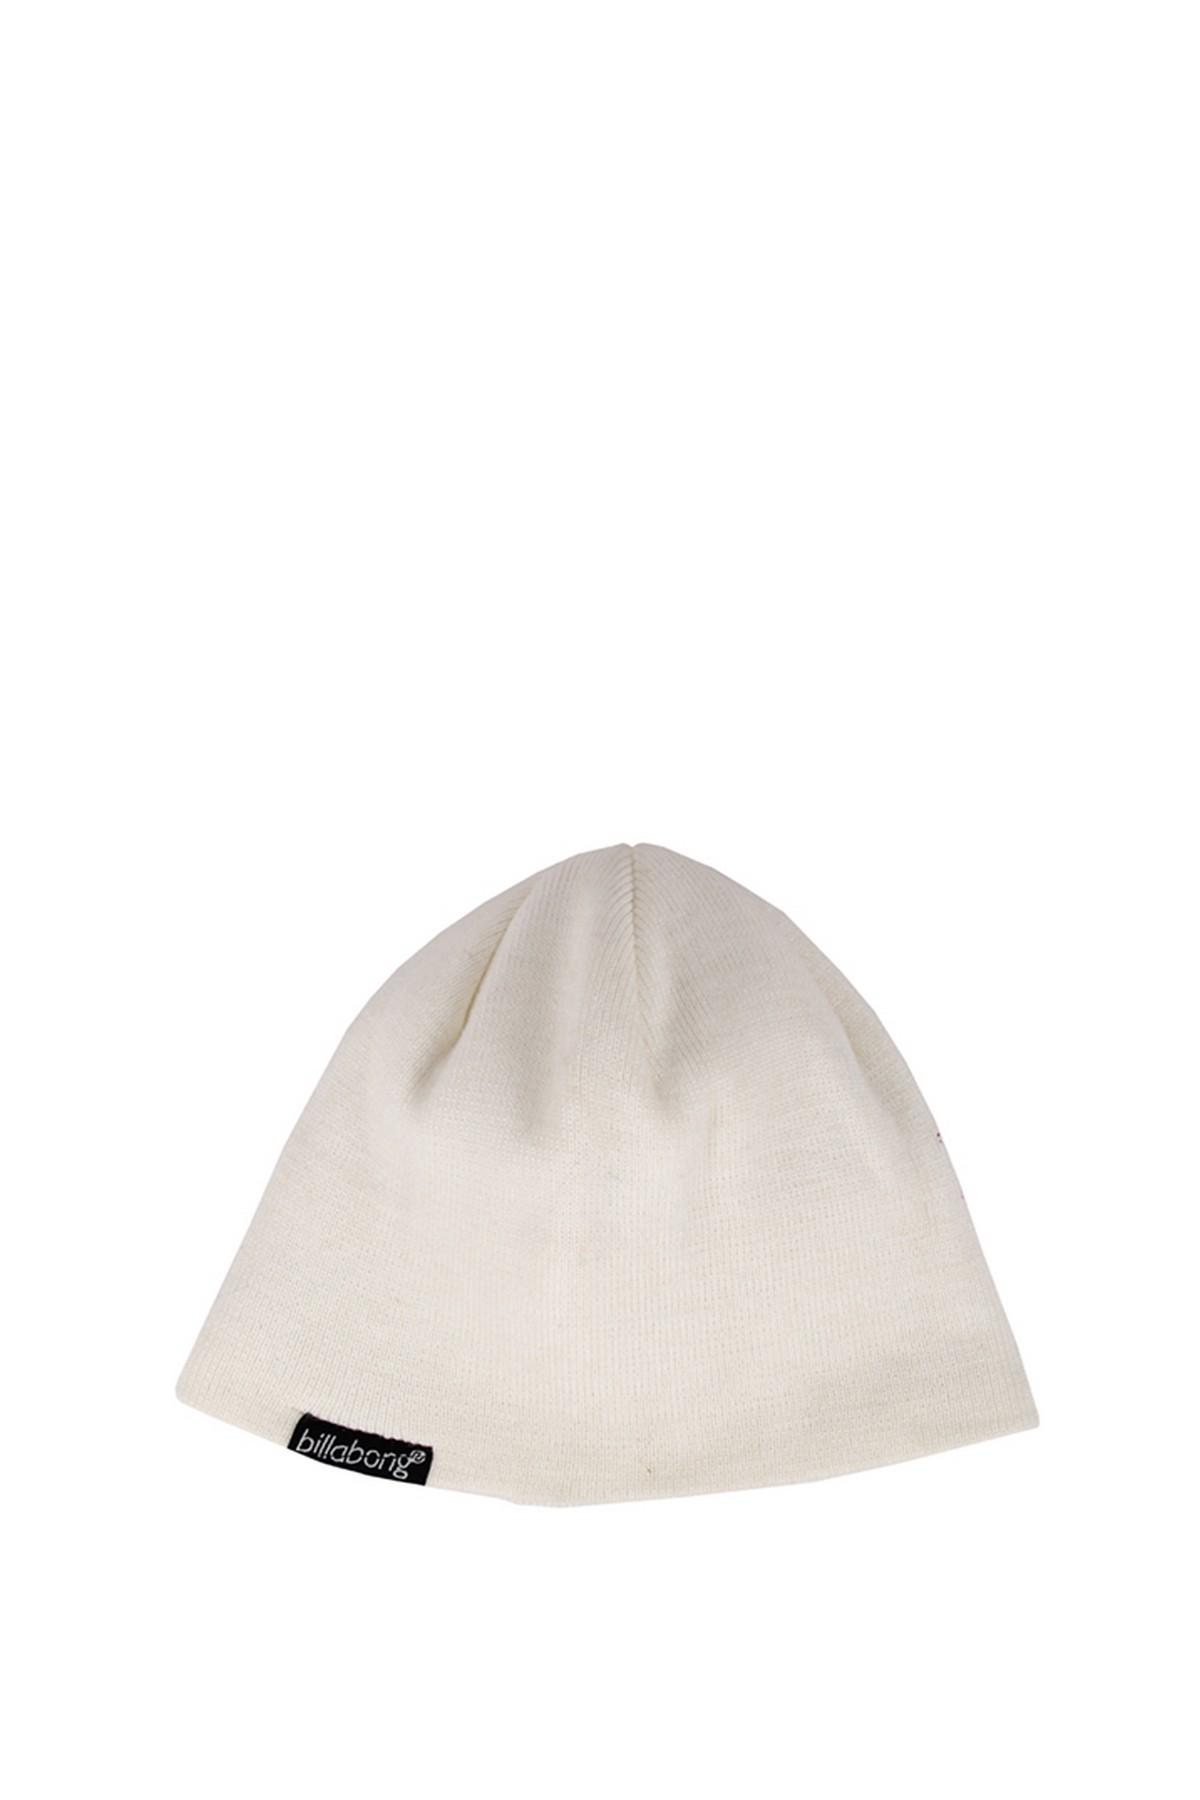 Billabong Kadın Bere Beyaz (U6HD27BIWZ)